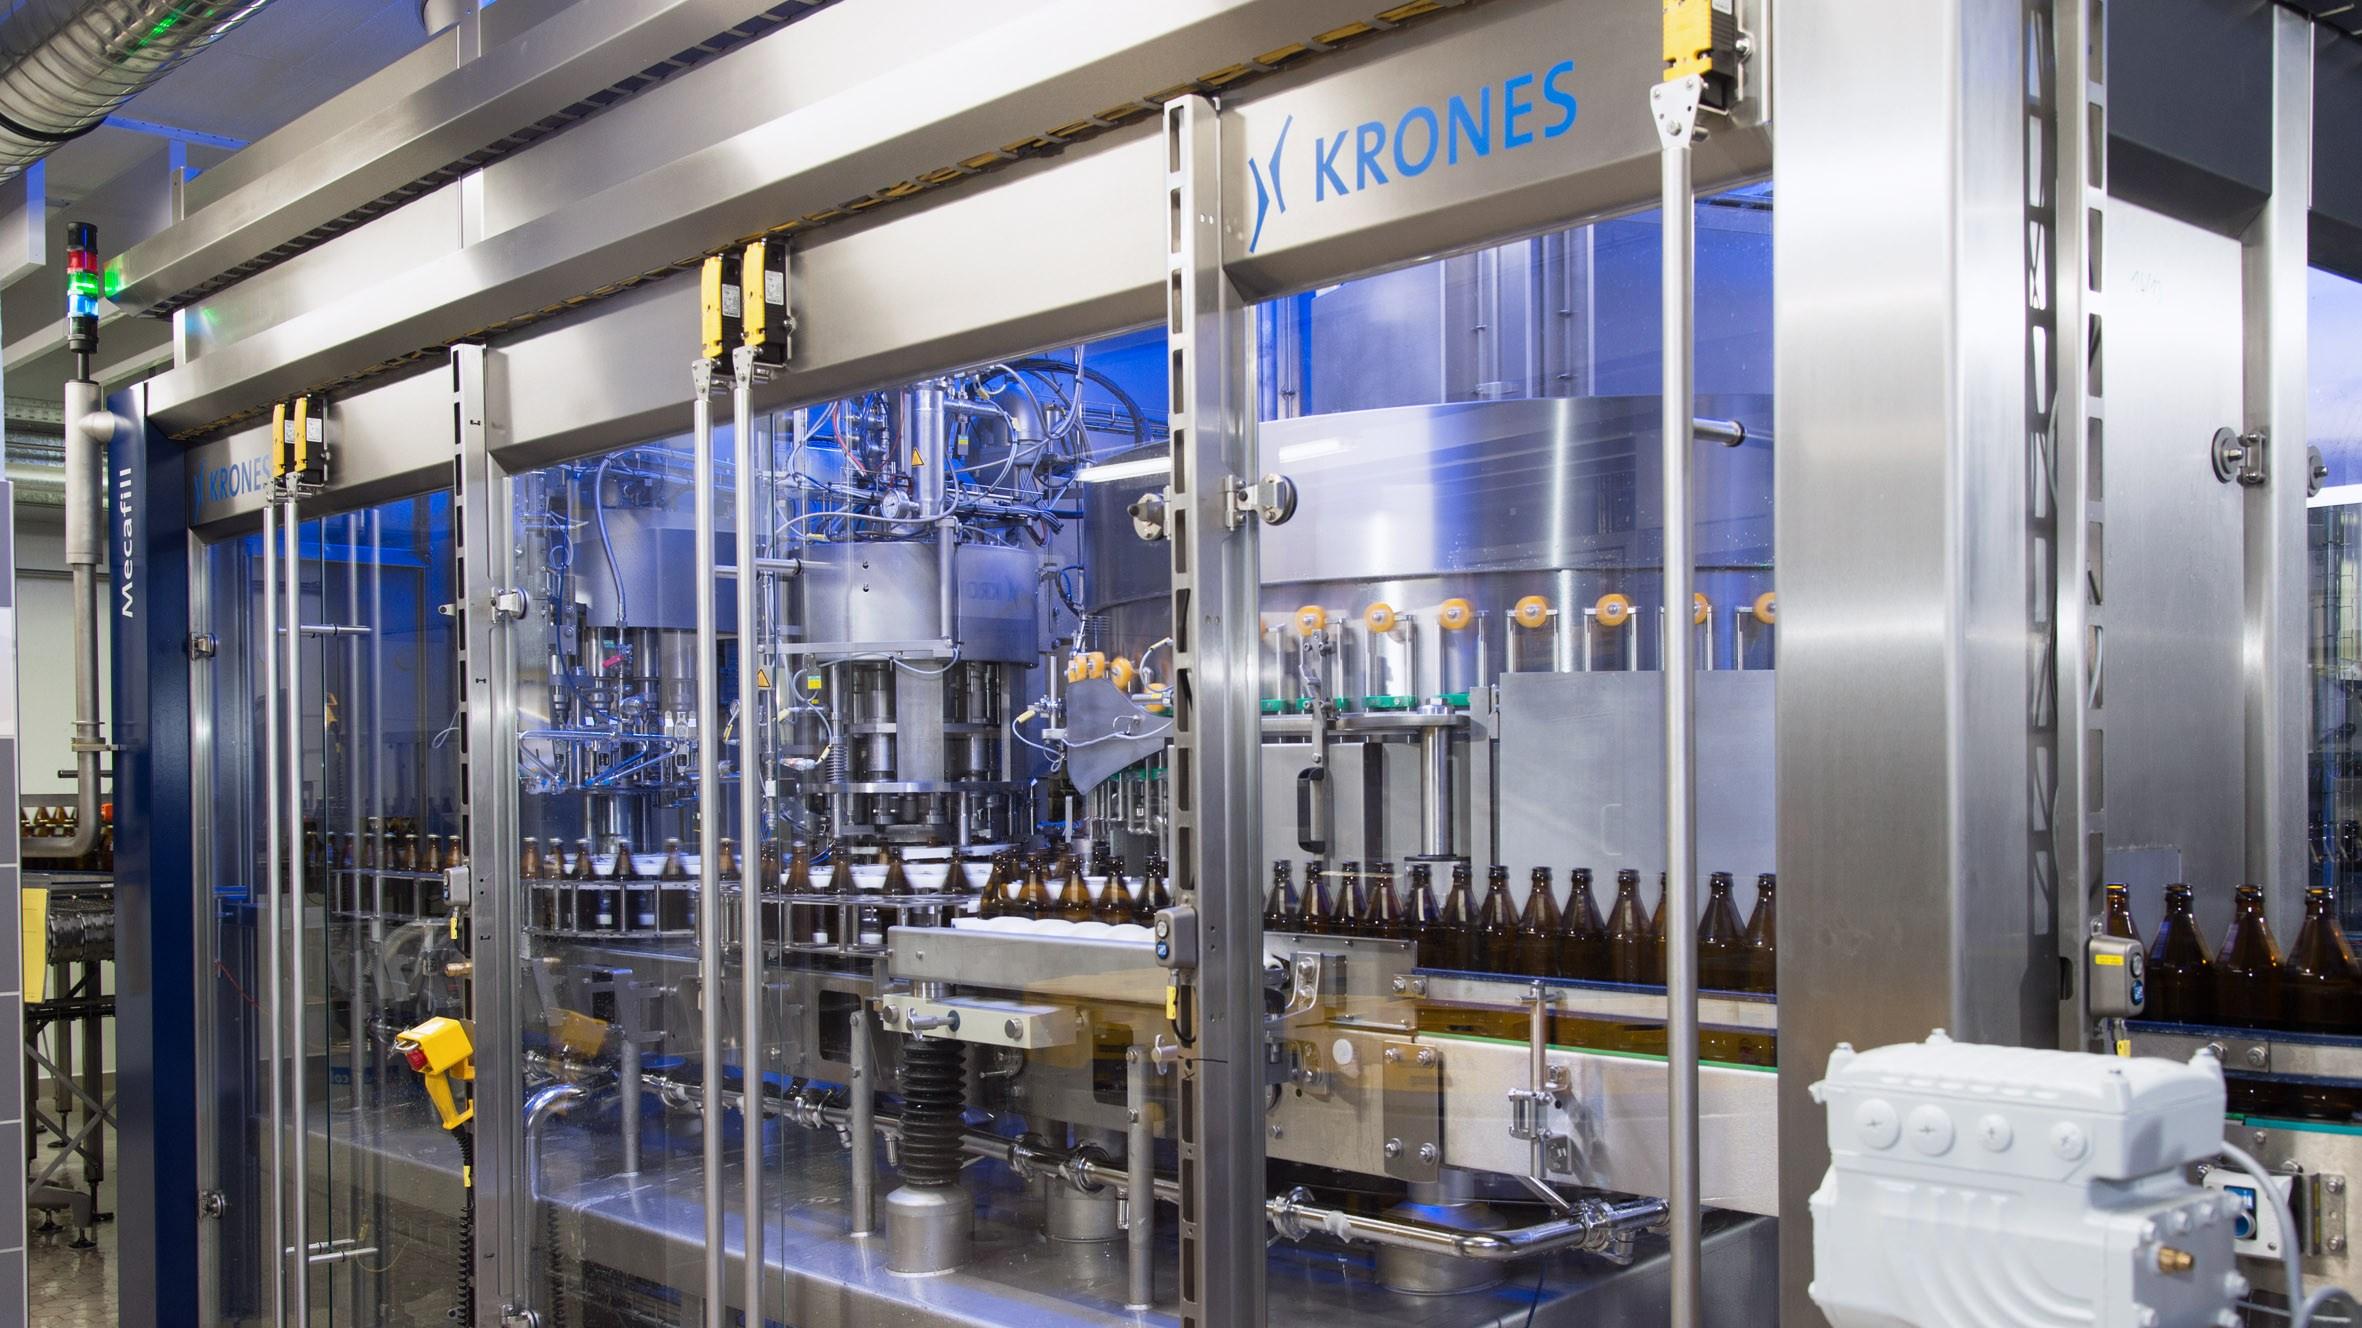 IN001190_-_Krones_Anlage_Fueller